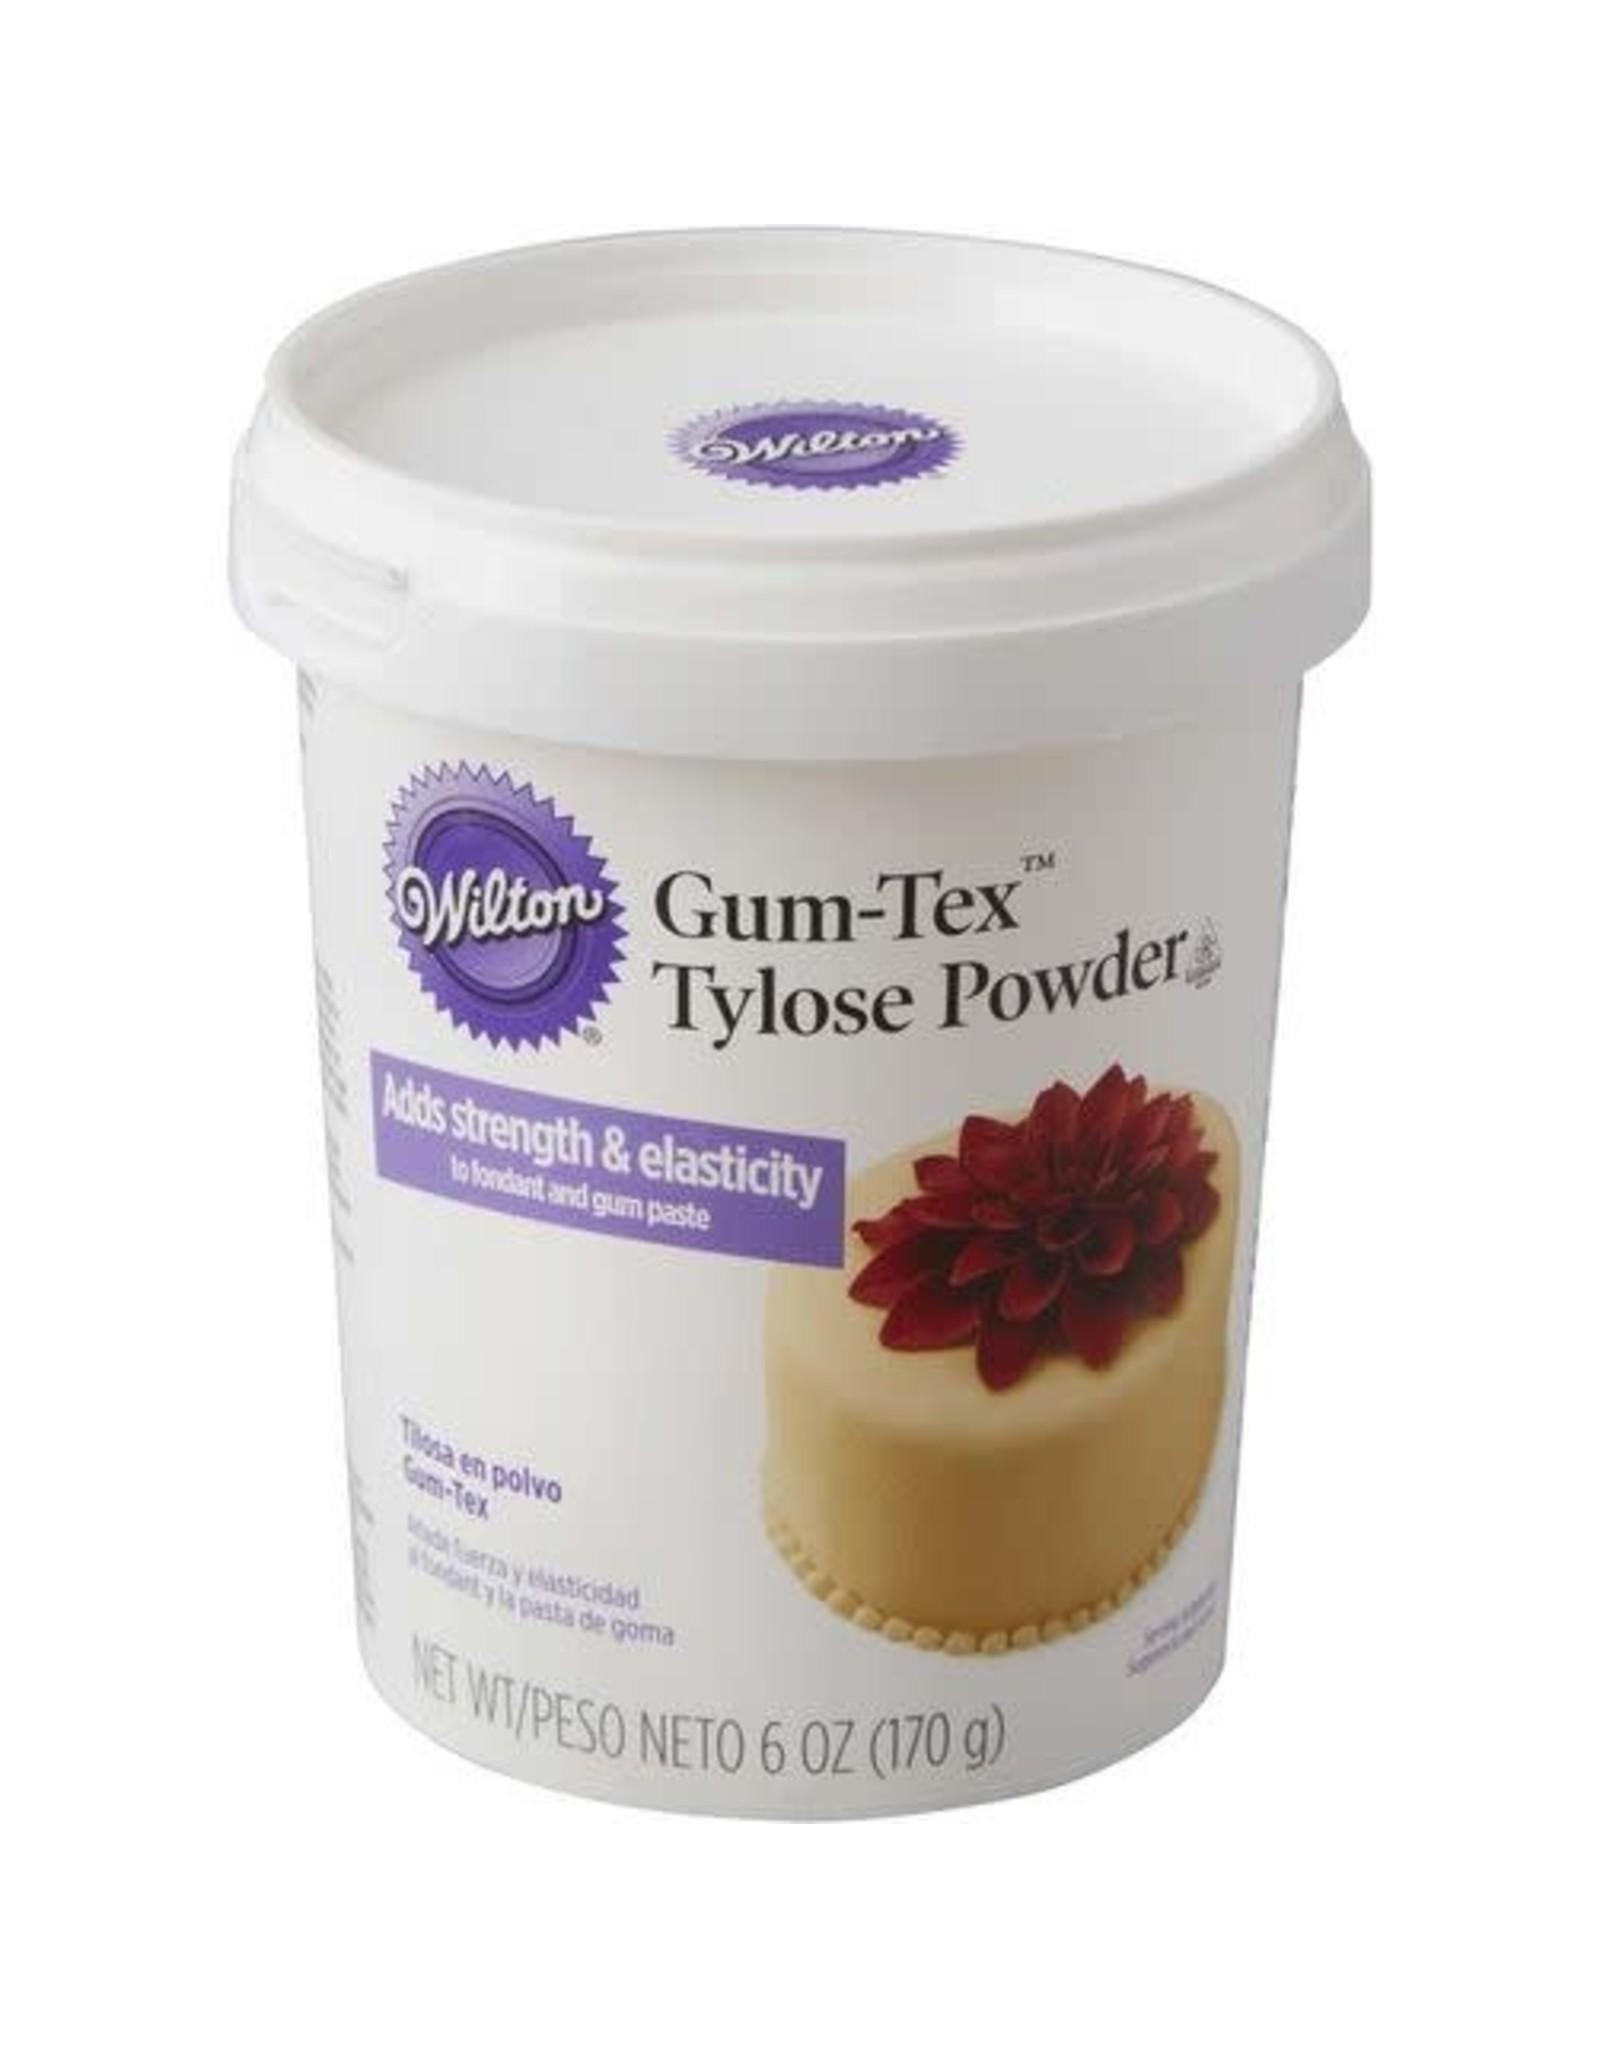 Wilton Wilton Fondant Gum-Tex Powder, 6 oz.